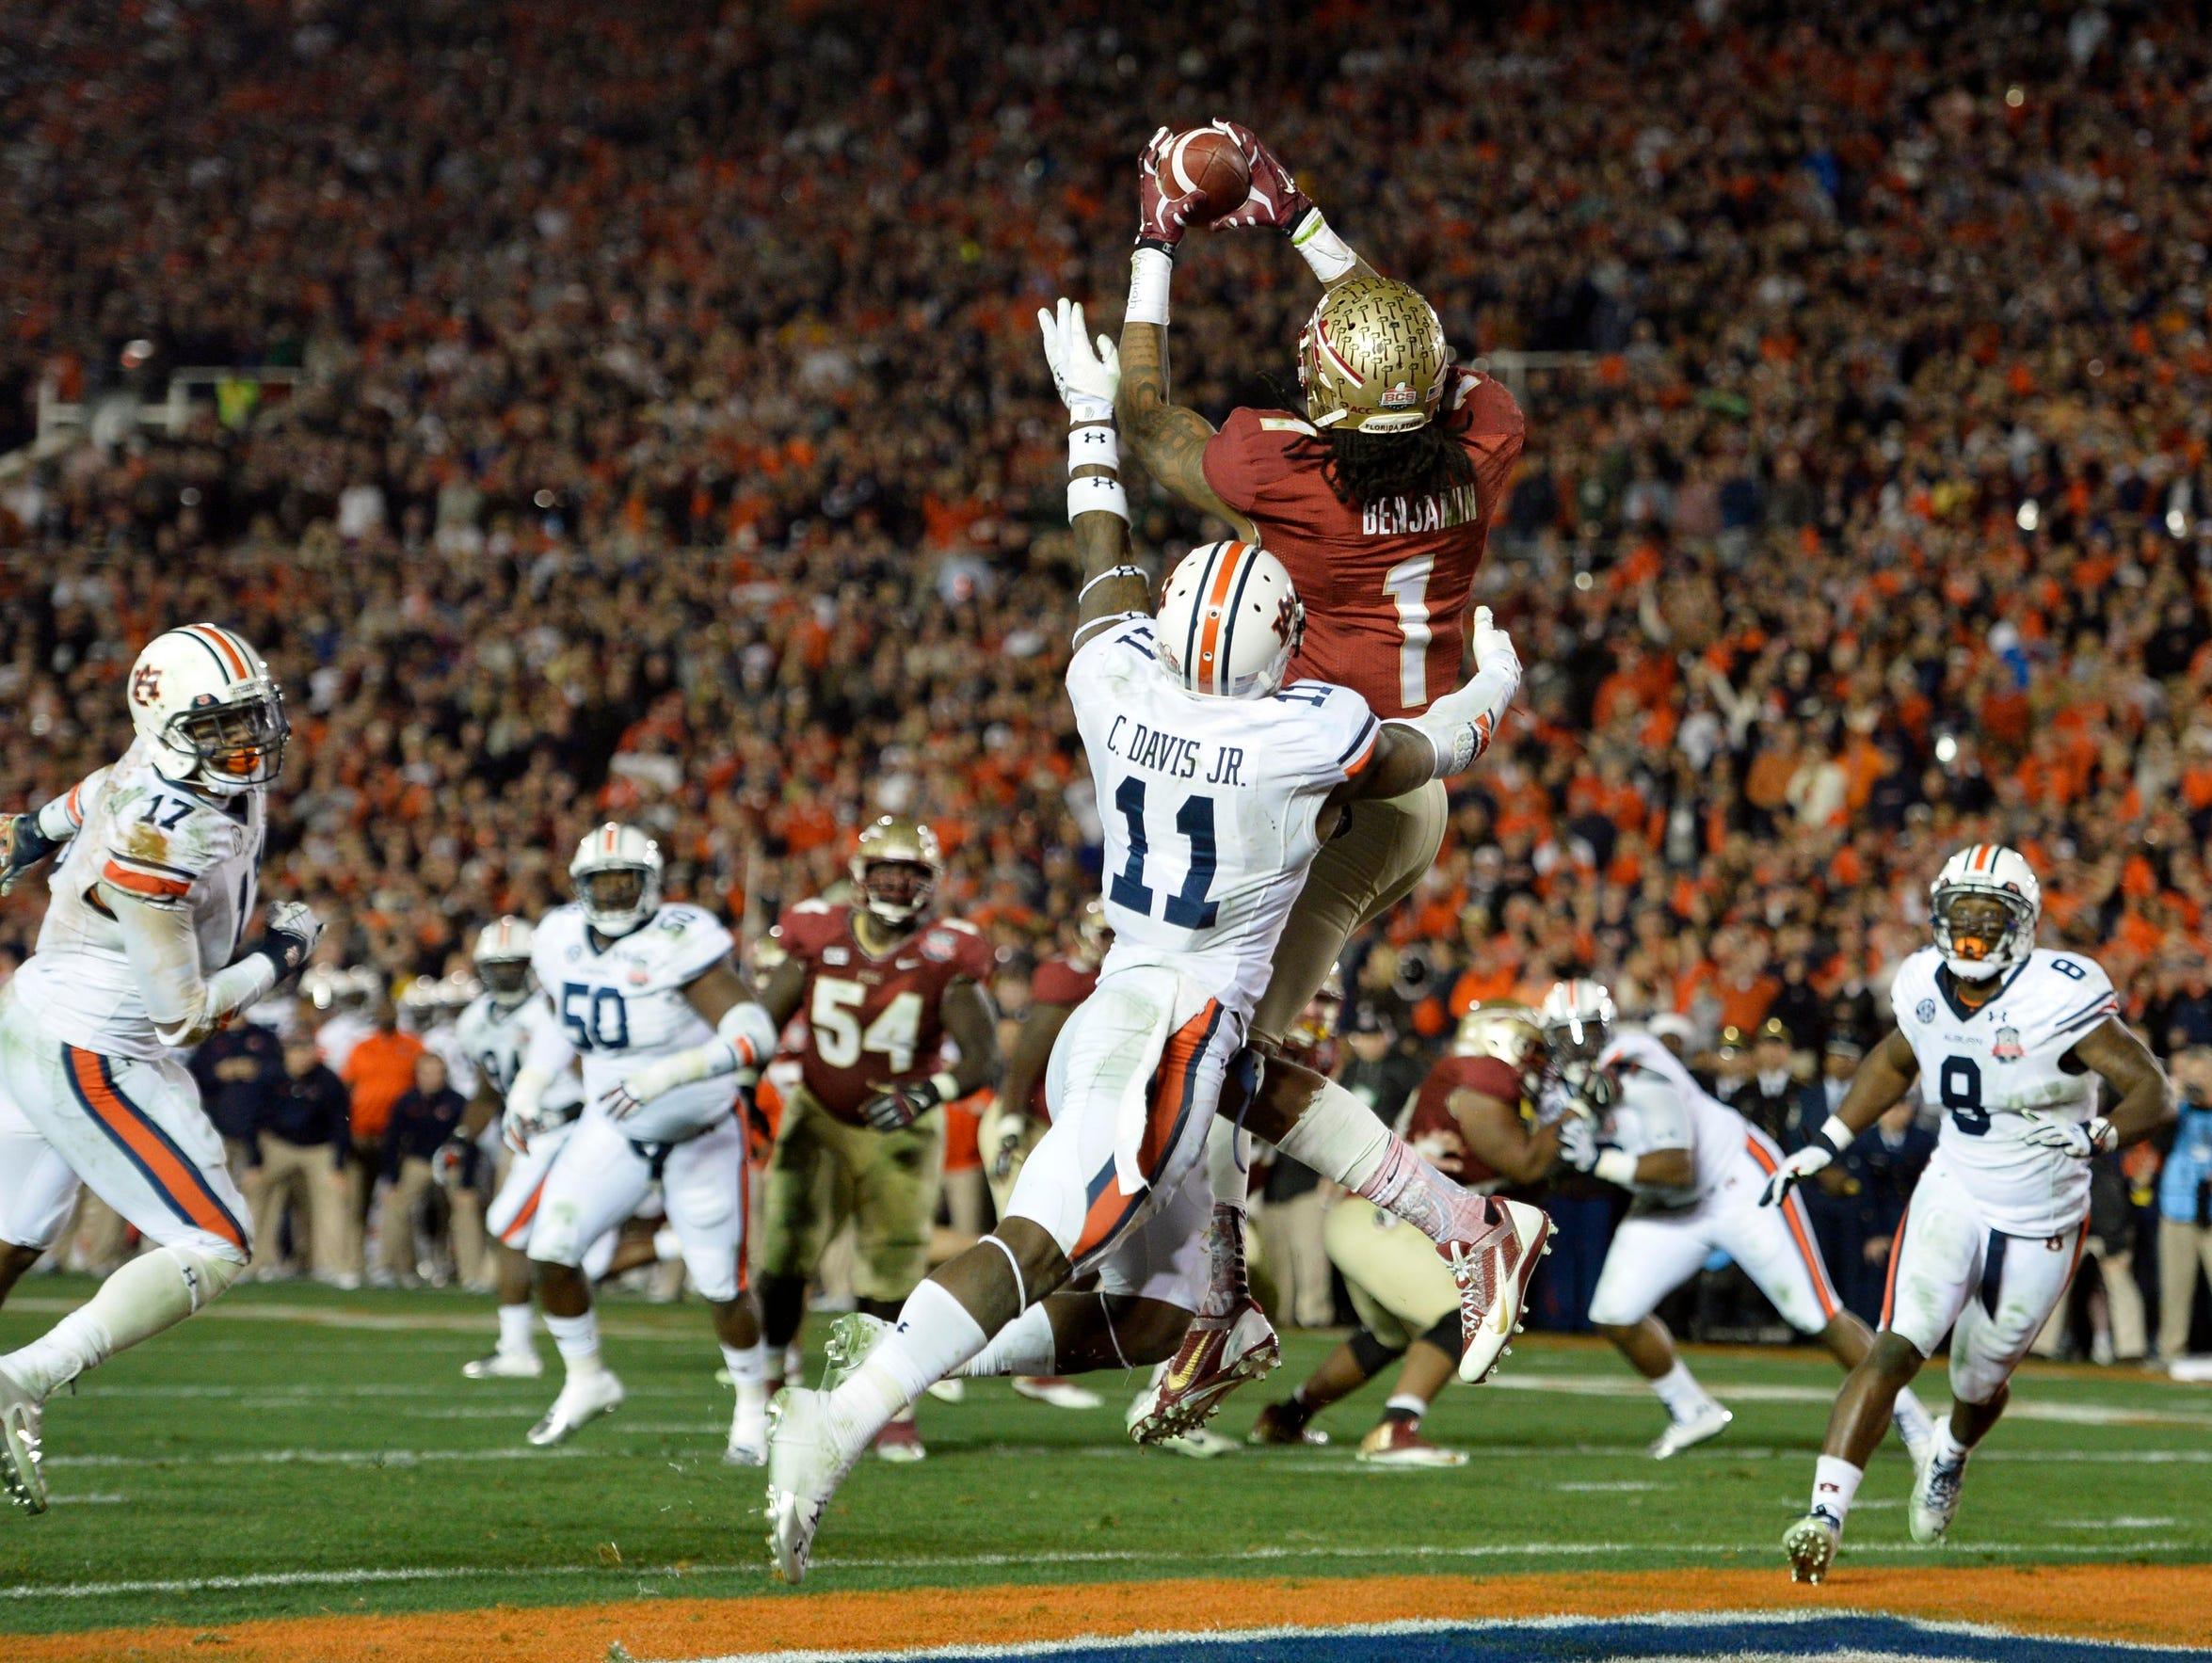 Former Florida State wide receiver Kelvin Benjamin